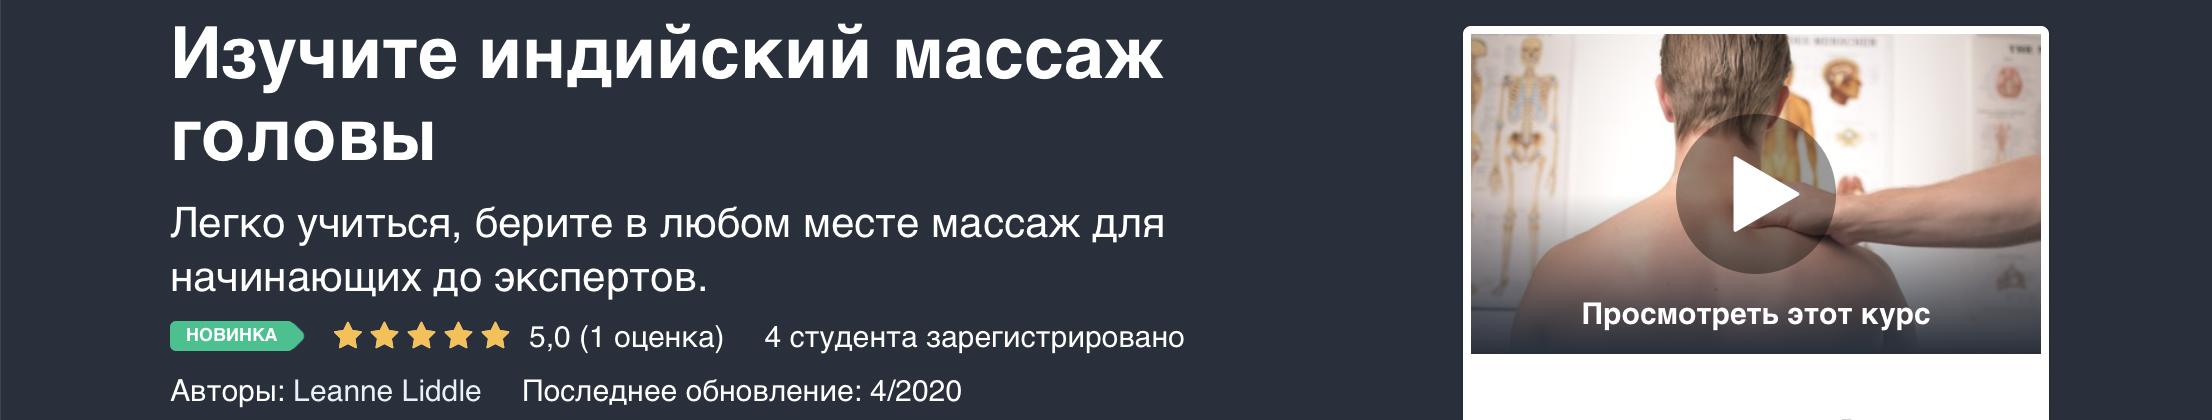 Снимок экрана 2020-06-02 в 16.27.09.png